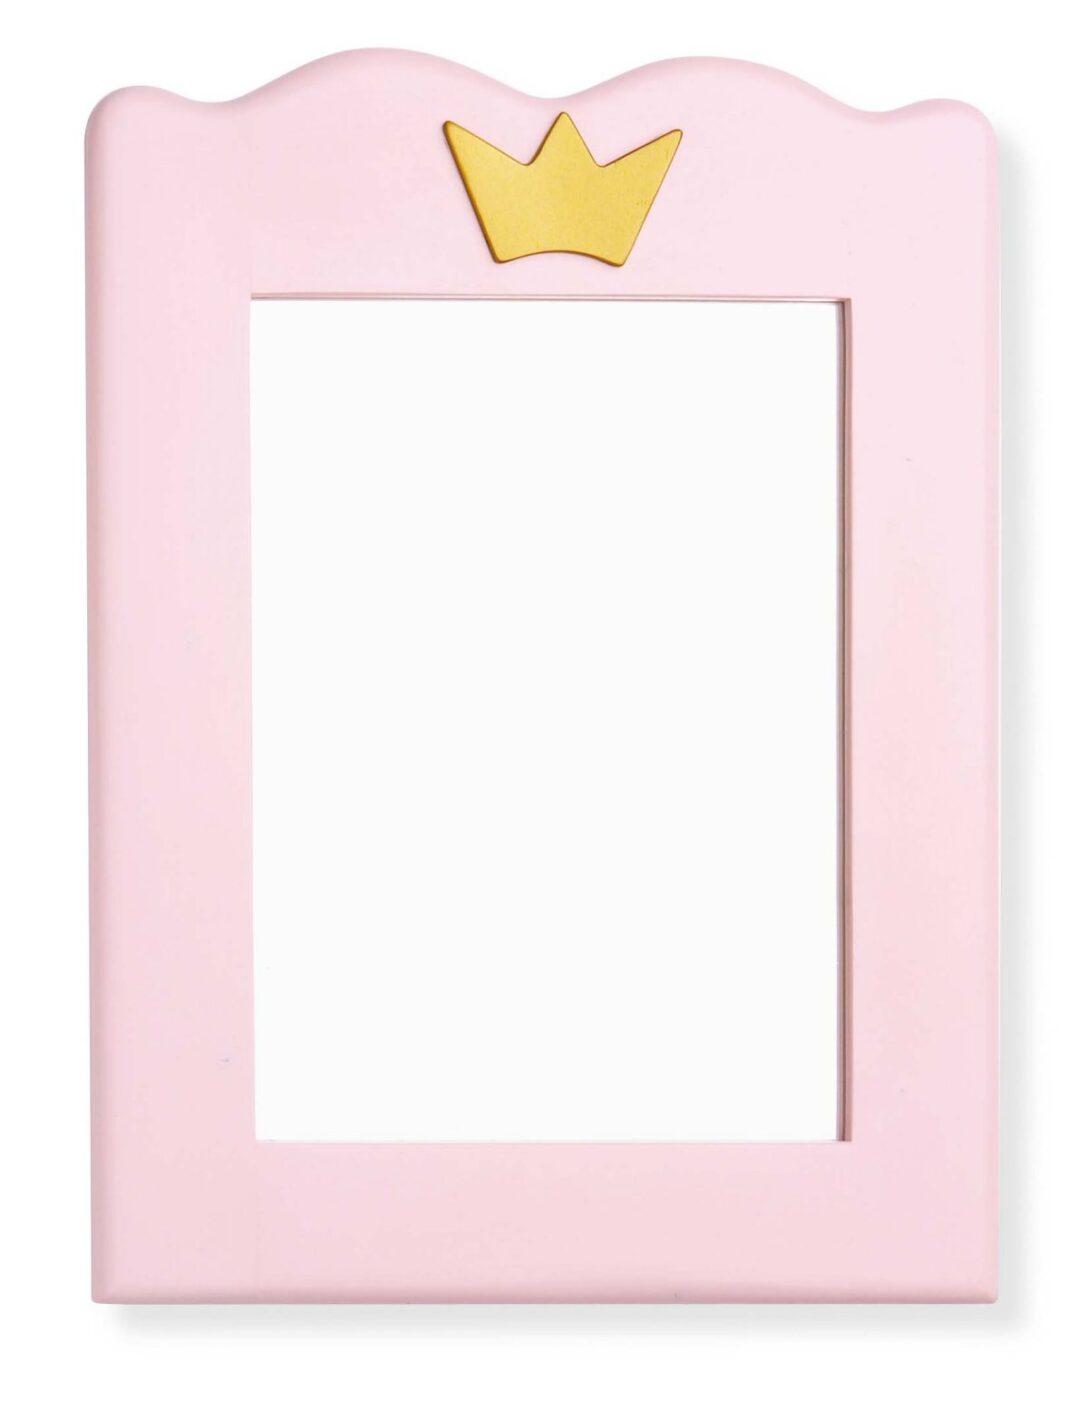 Large Size of Prinzessin Karolin Spiegel Sehr Schner Wandspiegel Mit Bad Spiegelschrank Led Beleuchtung Und Steckdose Regal Kinderzimmer Sofa Für Badezimmer Klappspiegel Kinderzimmer Spiegel Kinderzimmer